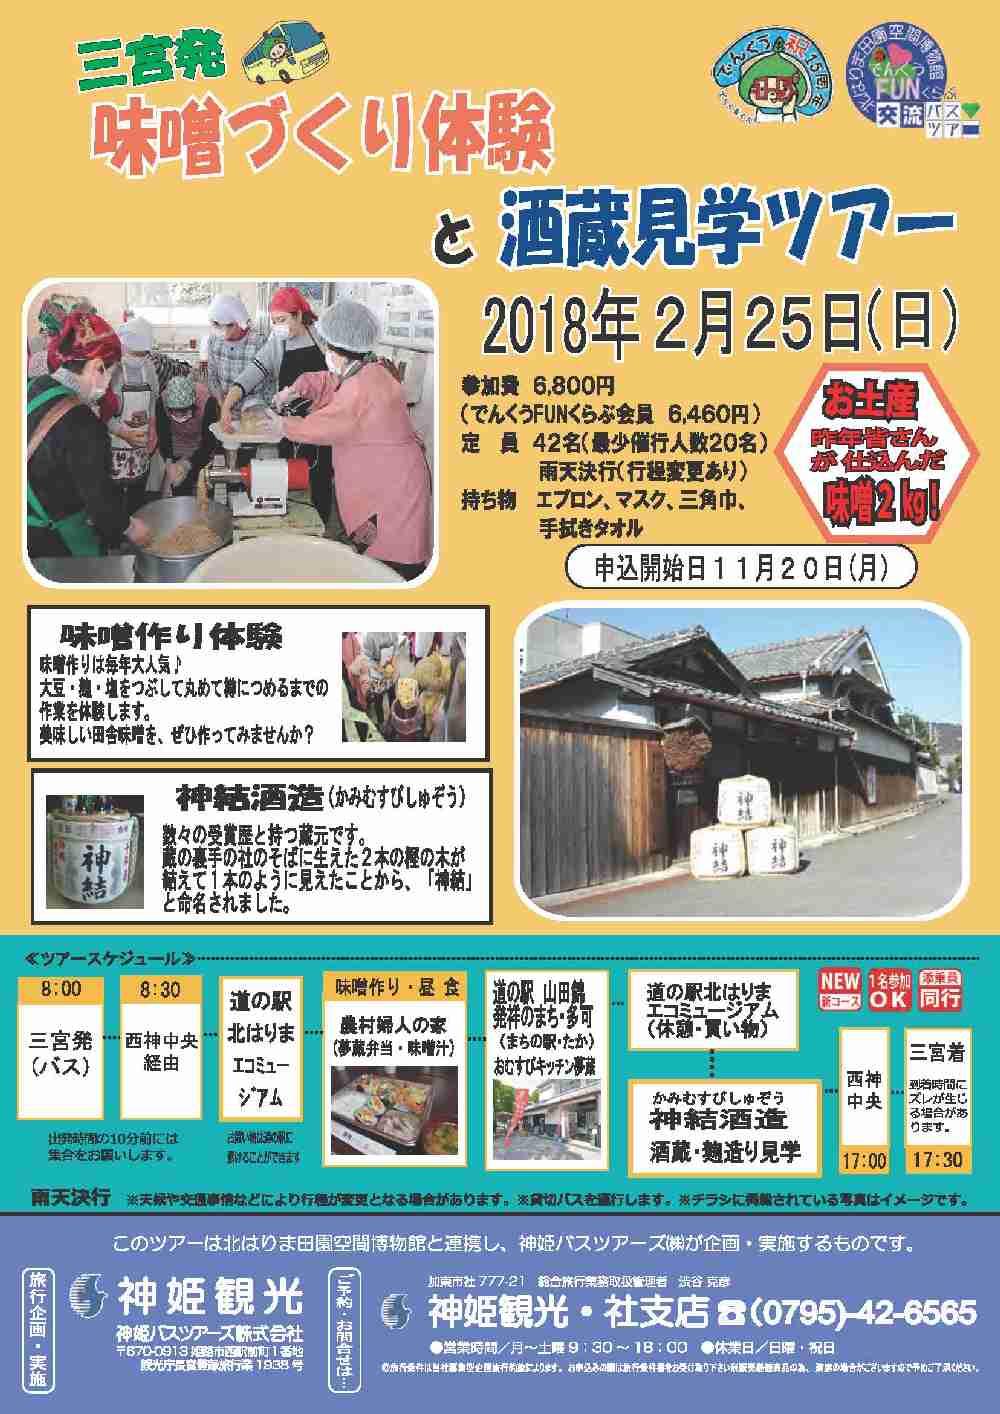 2/25 三宮発バスツアー「味噌作り体験と酒蔵見学」